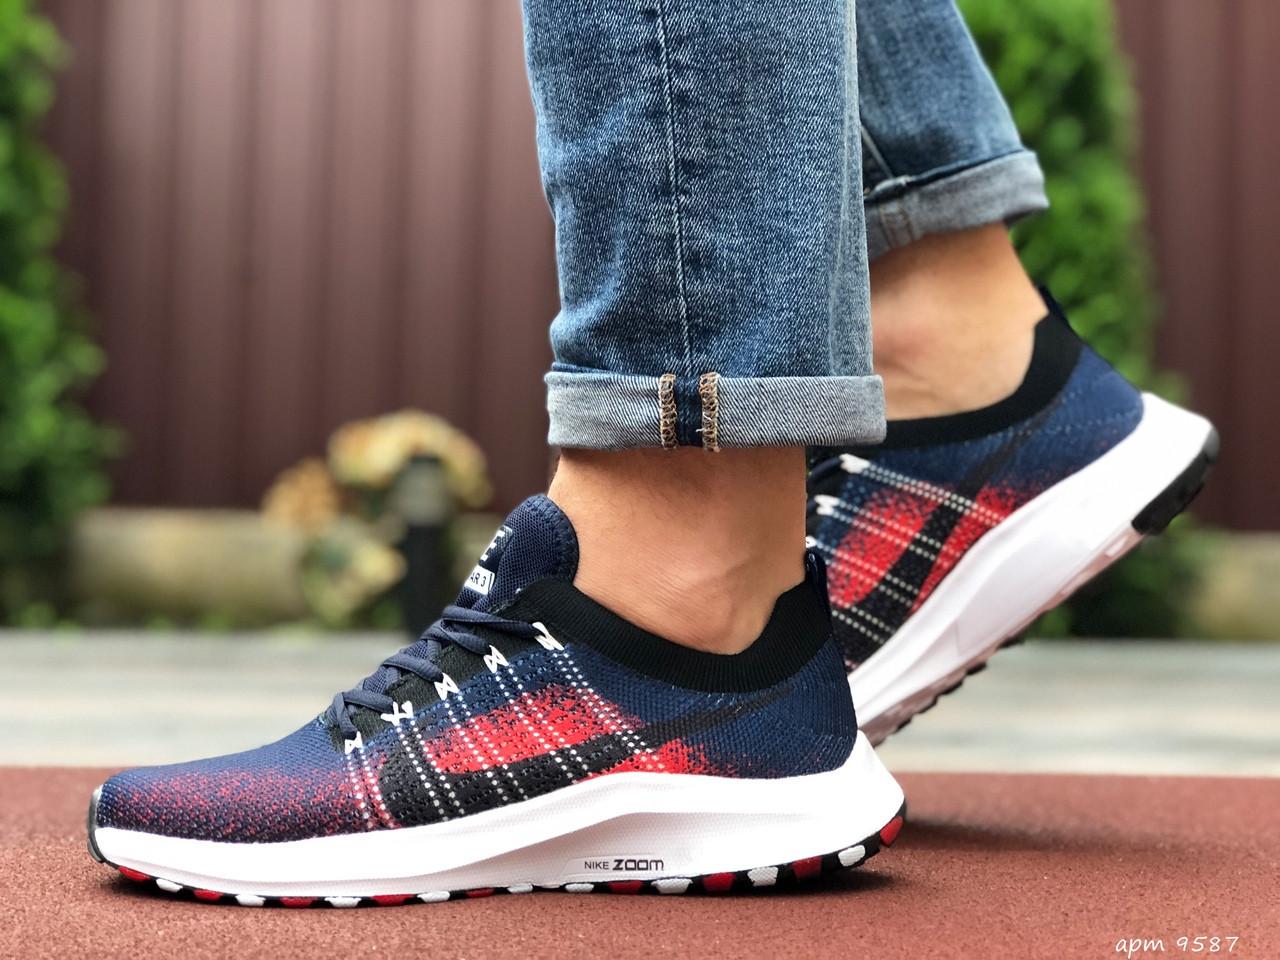 Мужские кроссовки Nike Zoom (темно-синие с красным и белым) 9587